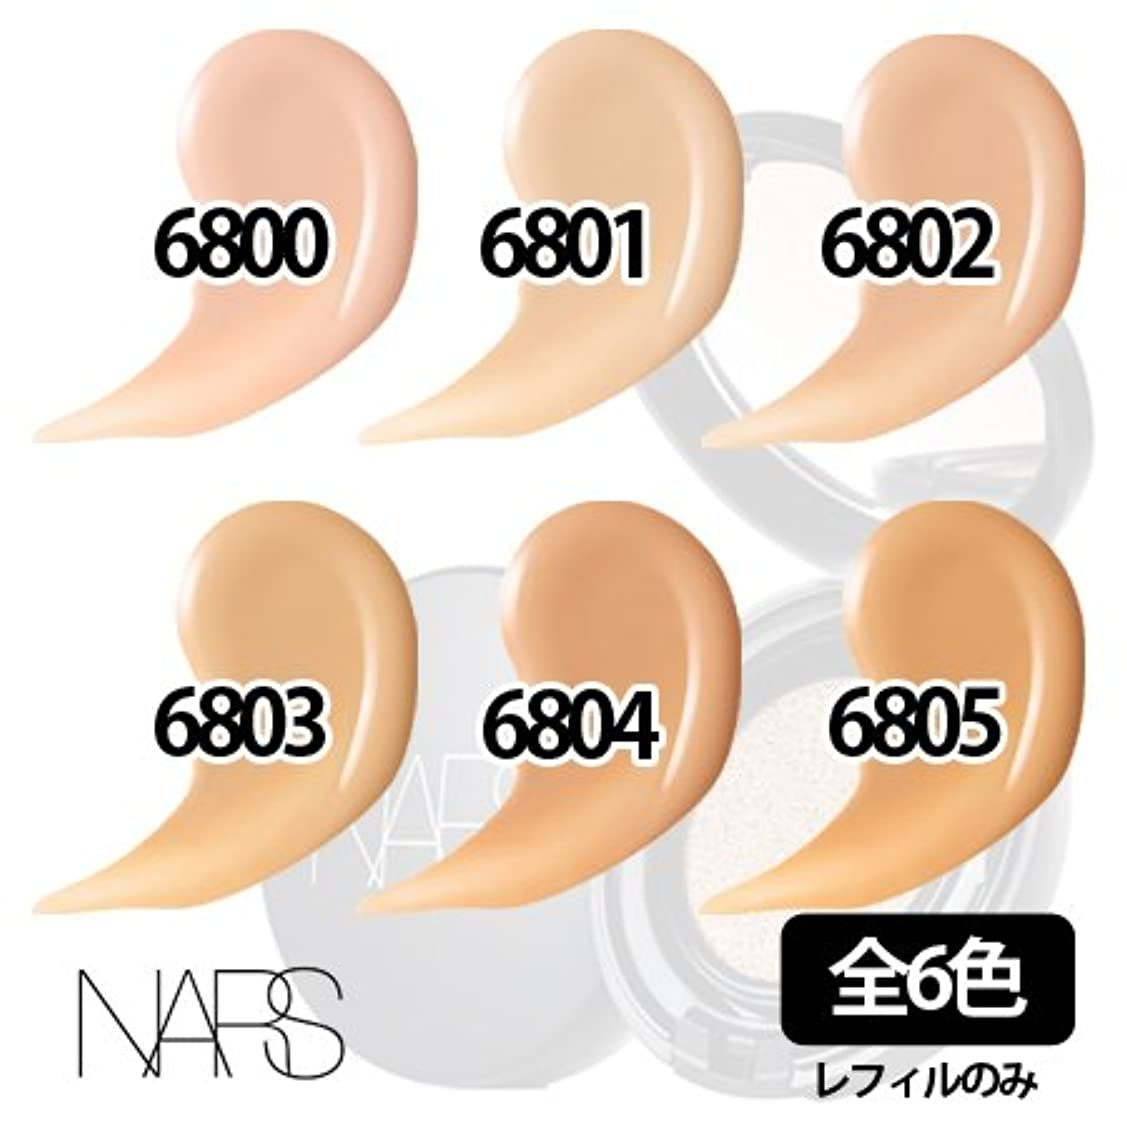 彼のベッツィトロットウッド責任ナーズ アクアティック グロー クッションコンパクト 全6色 [アジア限定] -NARS- (レフィルのみ ※スポンジ付き) 【並行輸入品】 6802